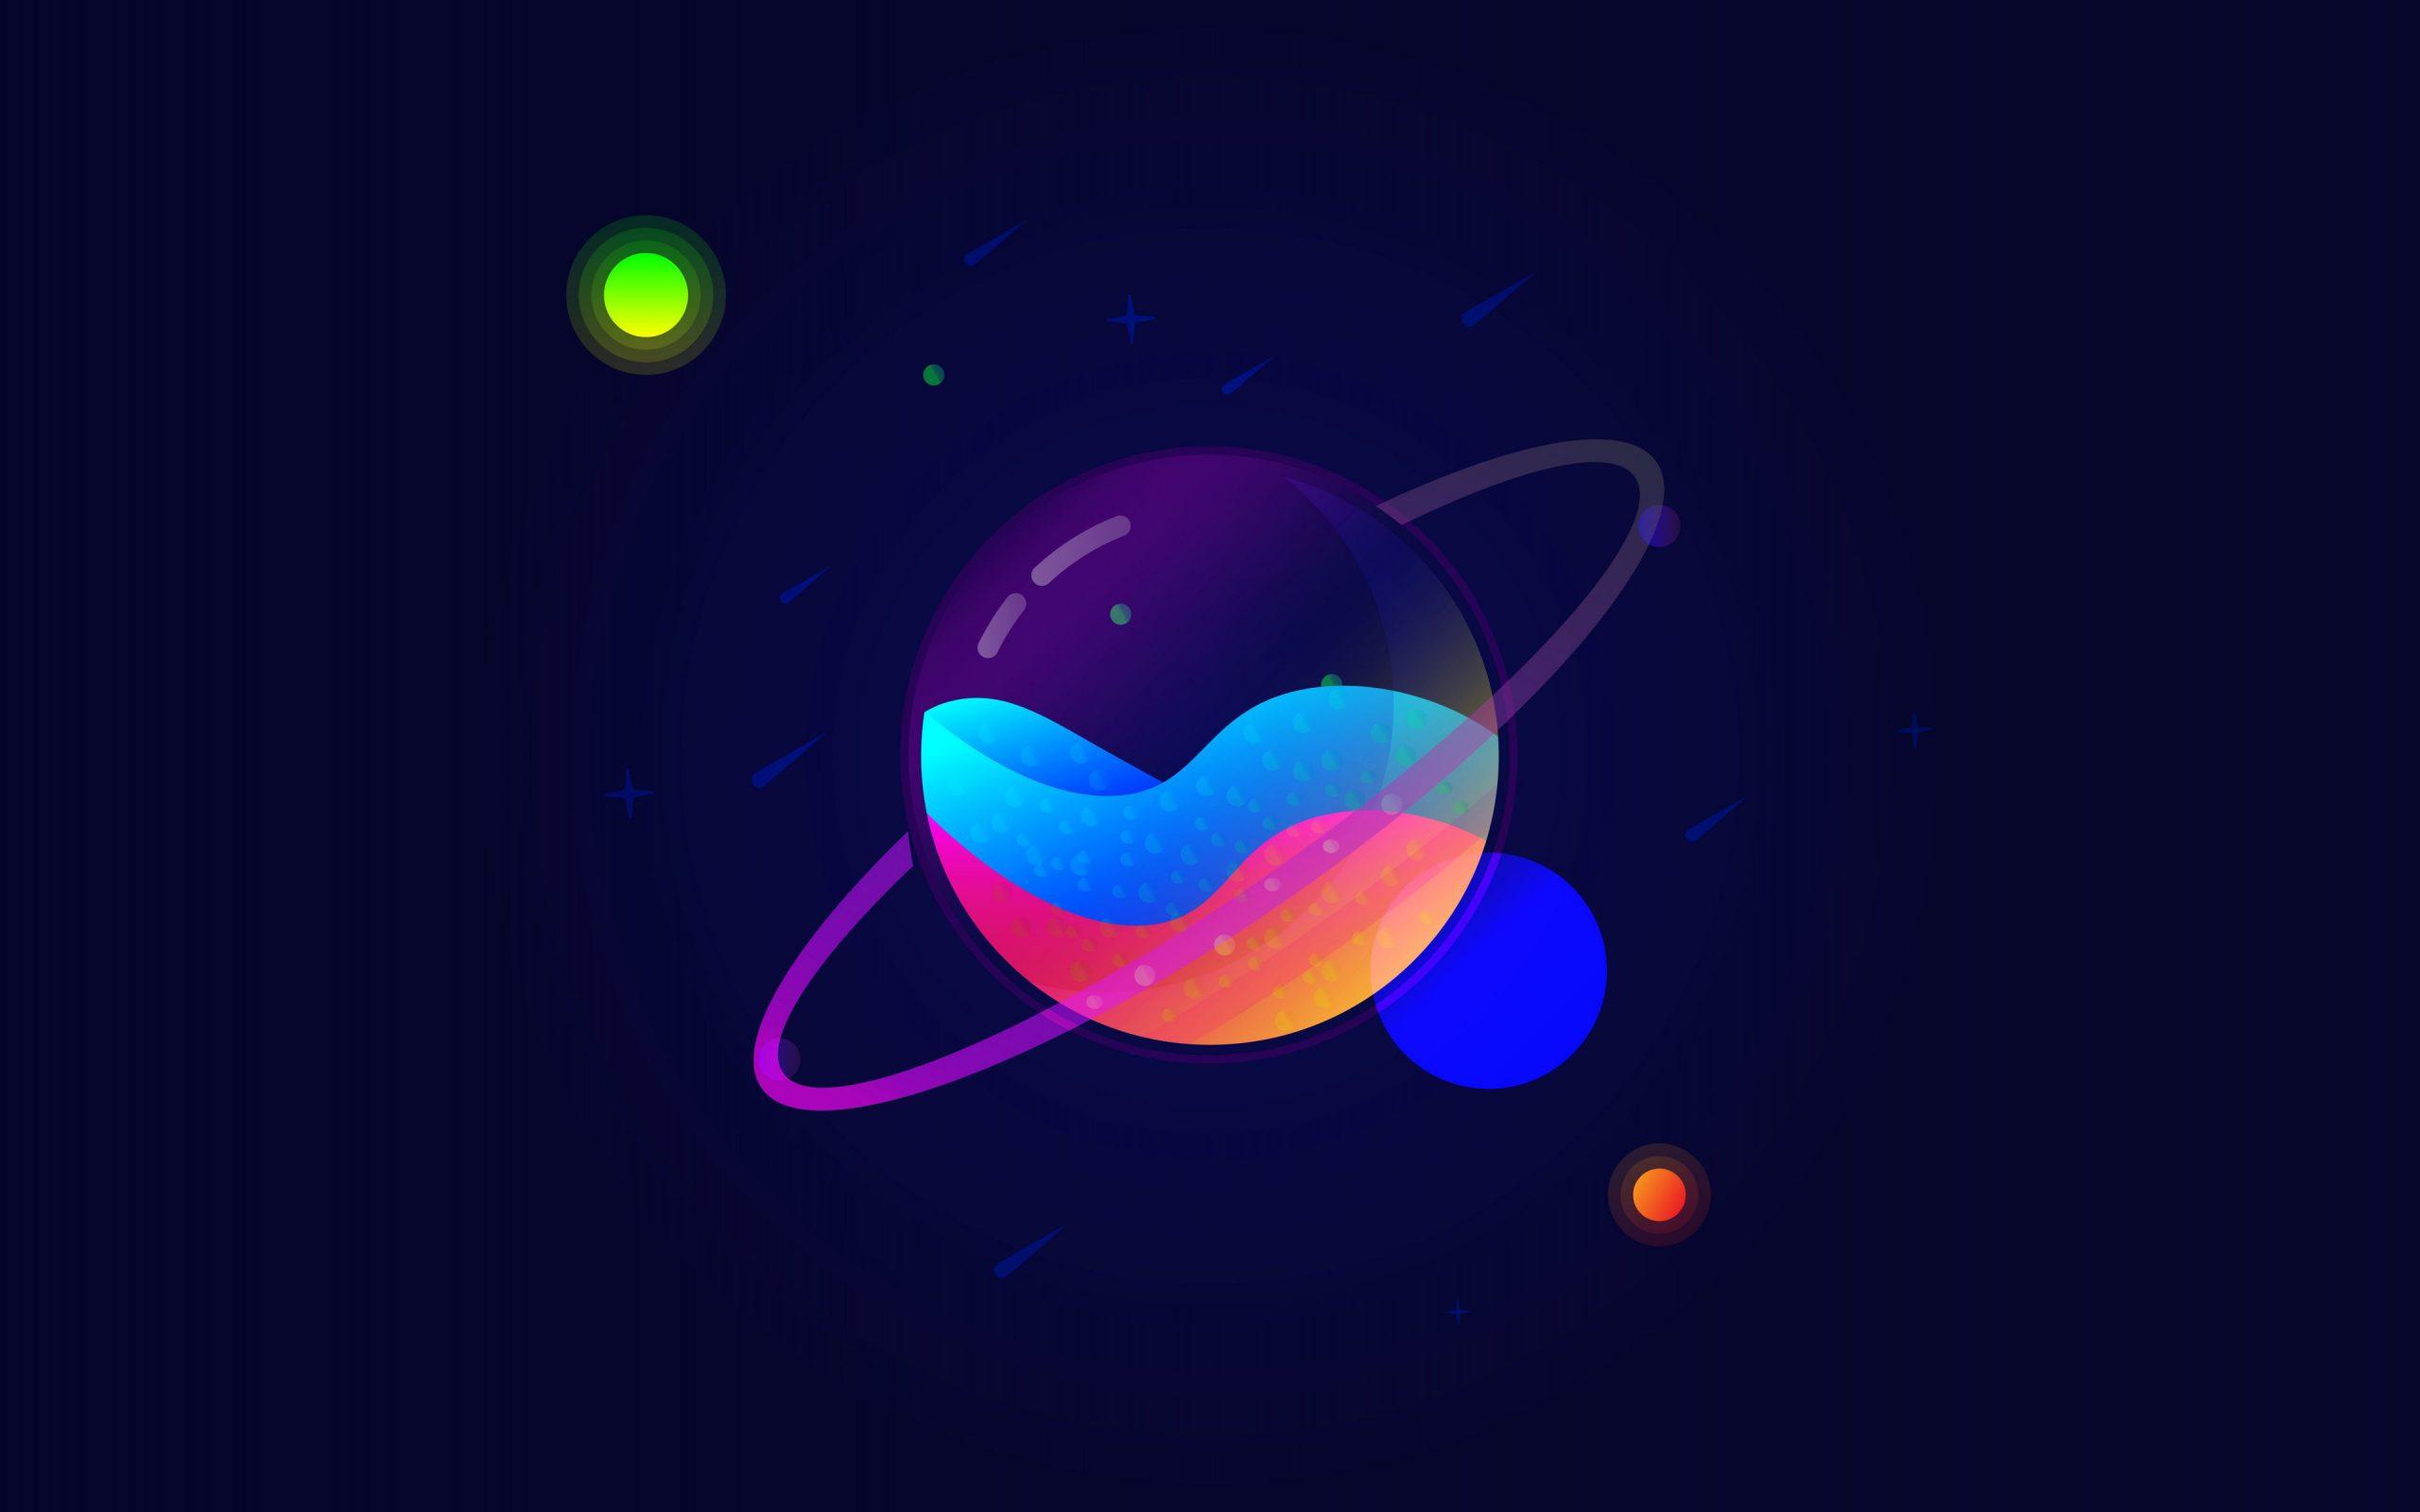 Télécharger Fonds D'écran Saturne, 4K, Dessin Animé De La pour Saturne Dessin